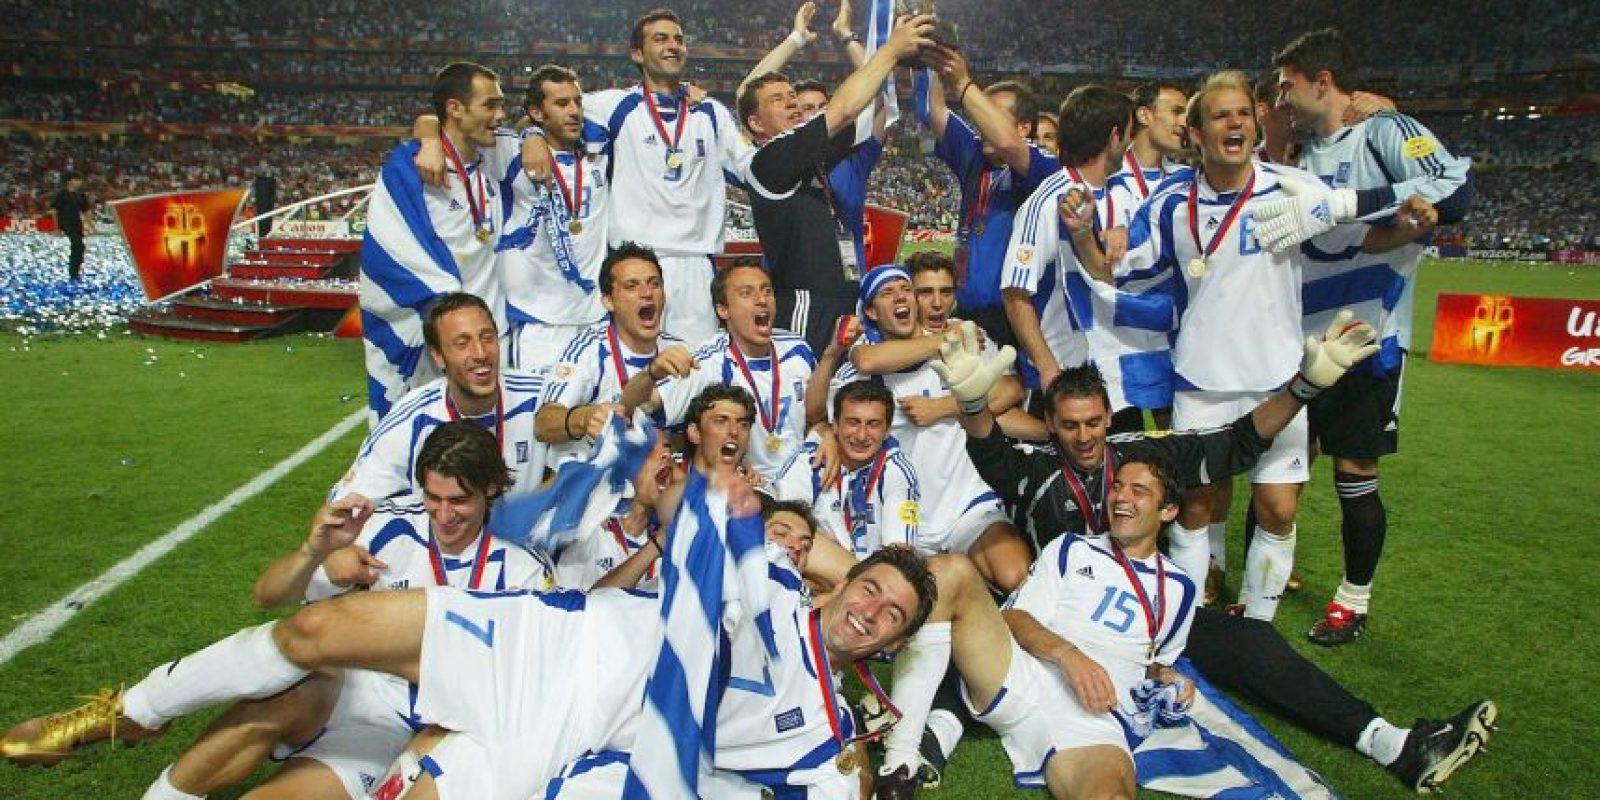 Grecia – 1 título (2004) Foto:Getty Images